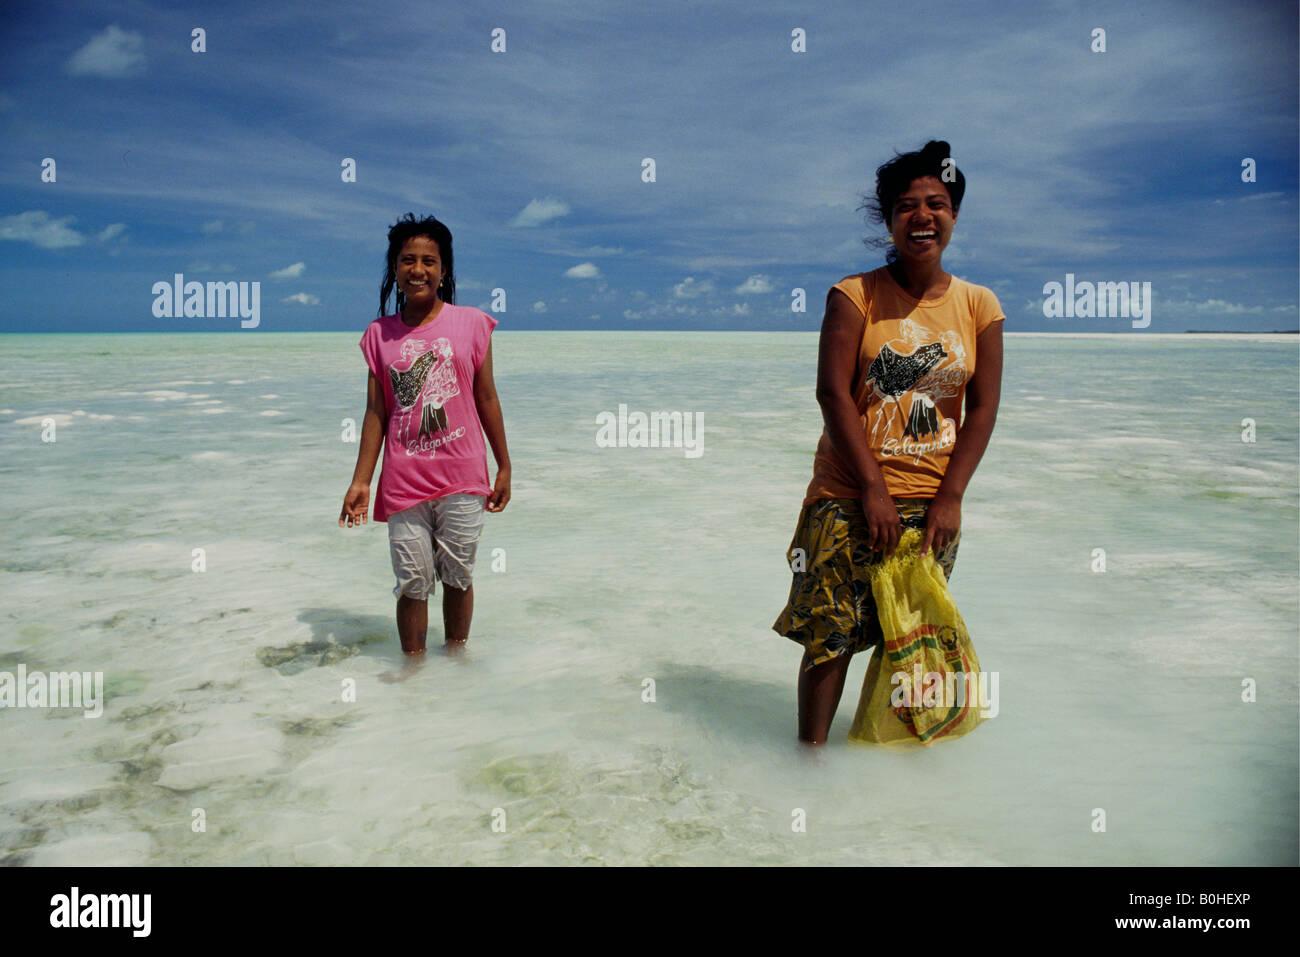 Women searching for shellfish in a lagoon, Tarawa, Kiribati. - Stock Image